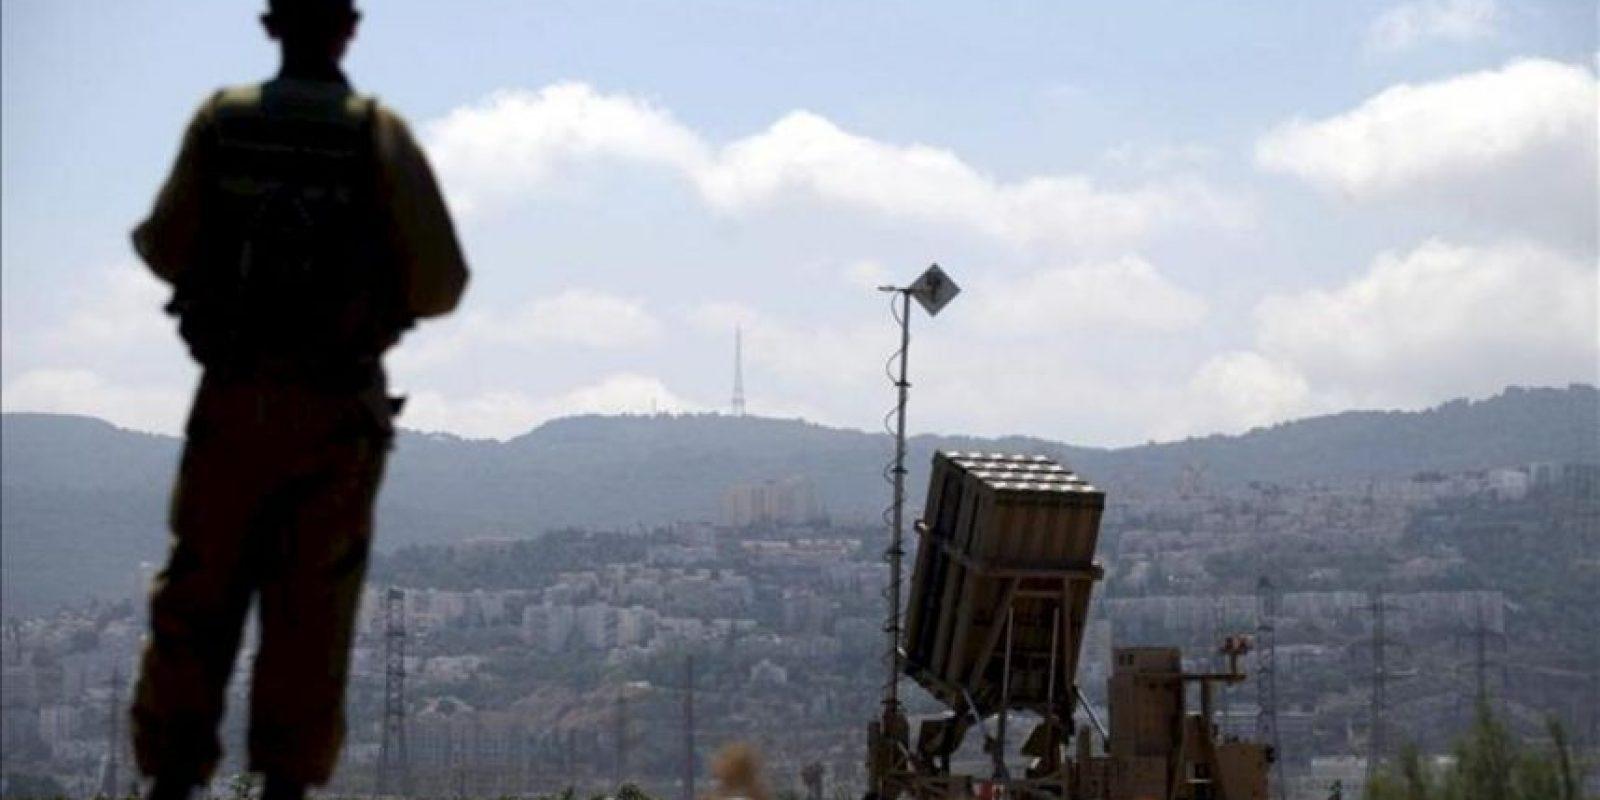 Un soldado de las Fuerzas Armadas israelíes vigila durante la preparación de su sistema anti-misiles Iron Dome (Cúpula de Hierro) en Haifa (Israel) ayer, por las amenazas de posibles ataques a su país si se llevase a cabo una intervención en Siria por una coalición liderada por Washington. EFE